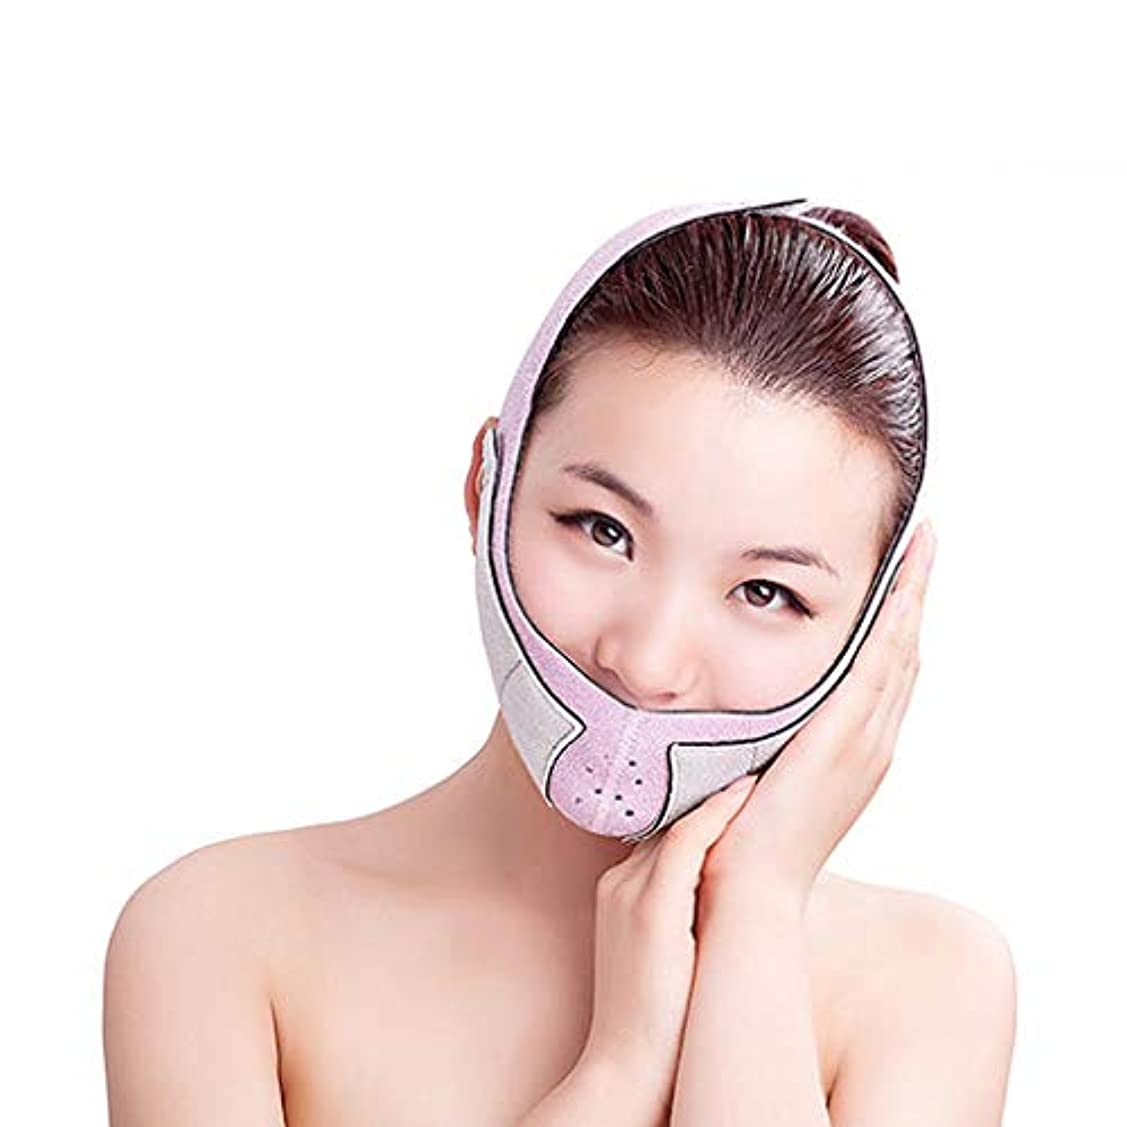 軽くノート排除減量マスク頬の皮膚会社顎顔リフトマスクマイクロリカバリー固定包帯